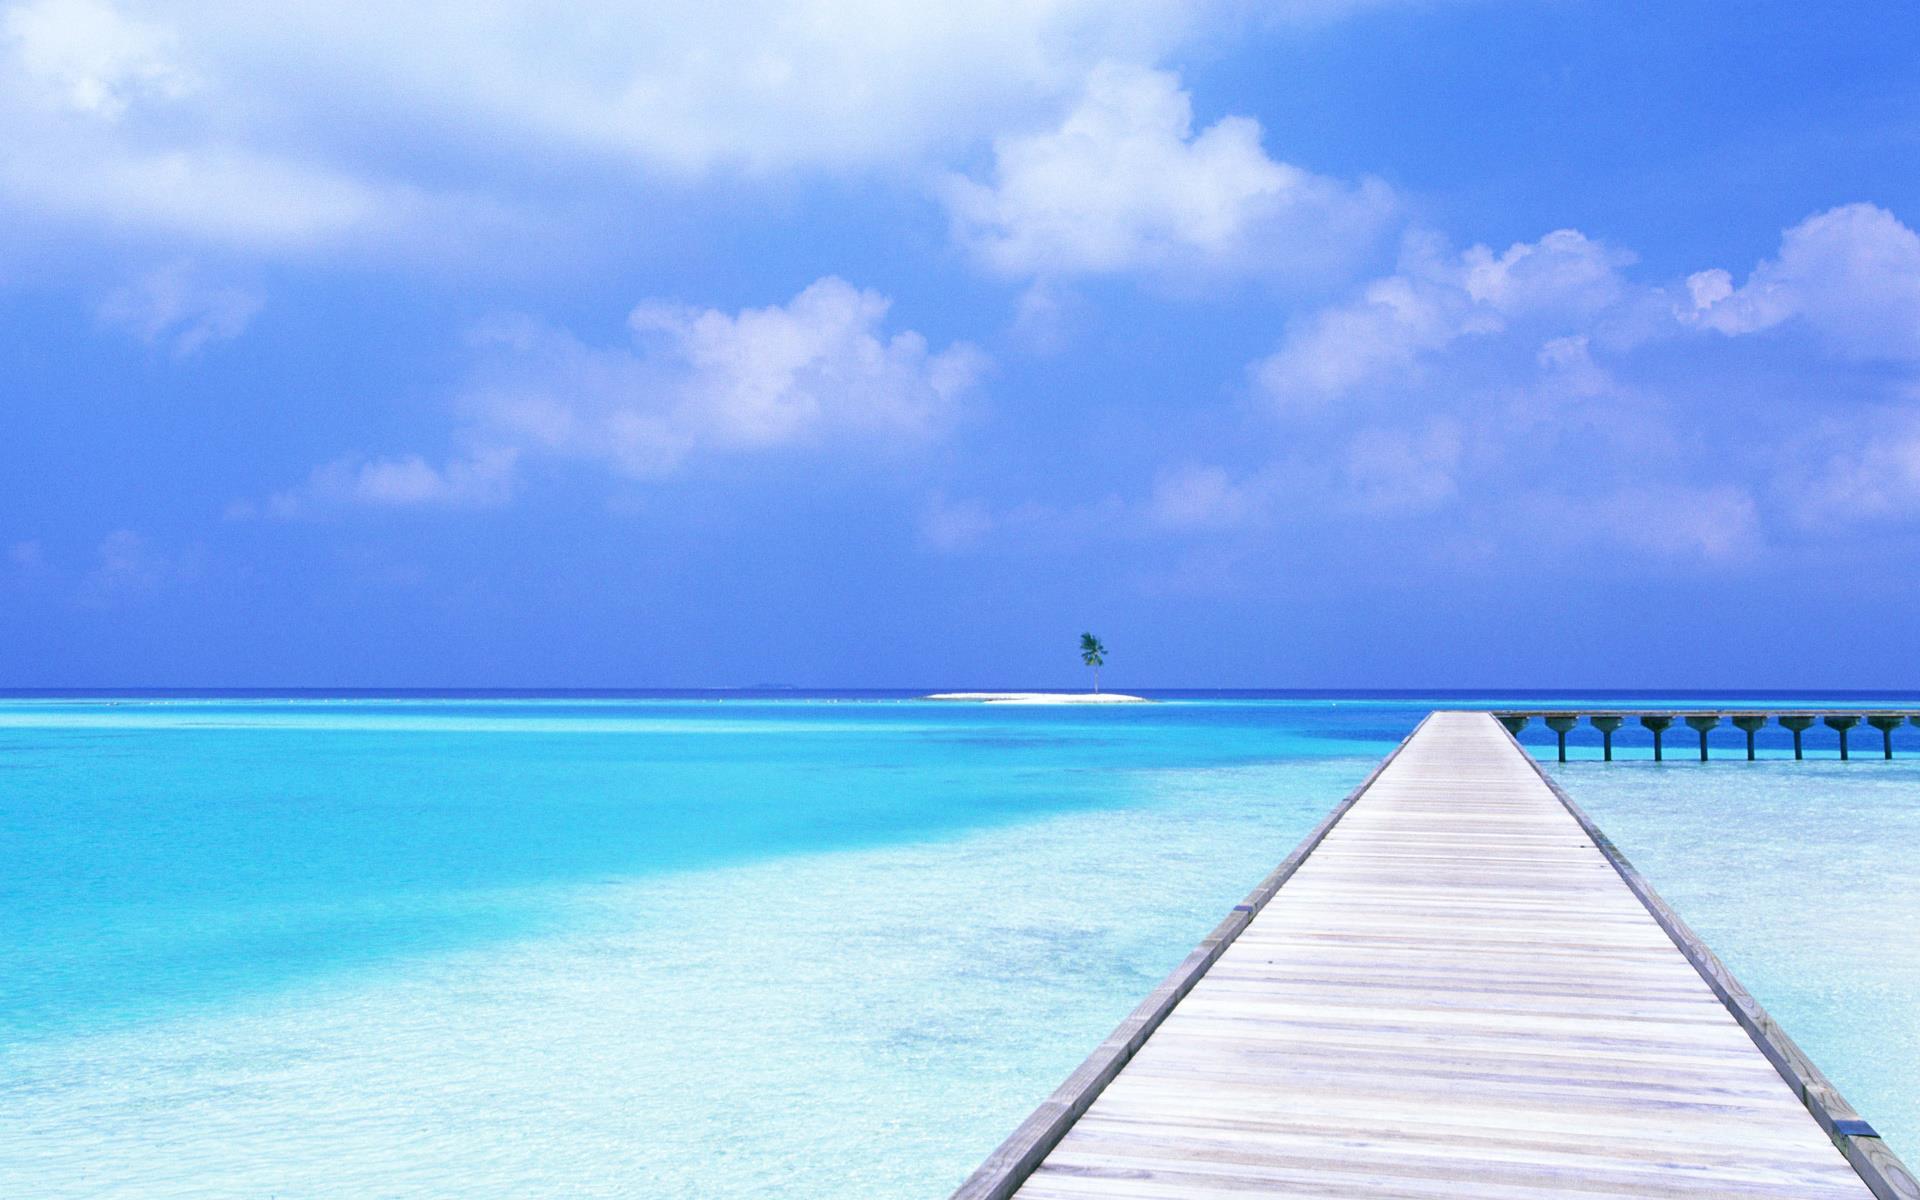 la-mer-crystal-bleu-tropical-ocean